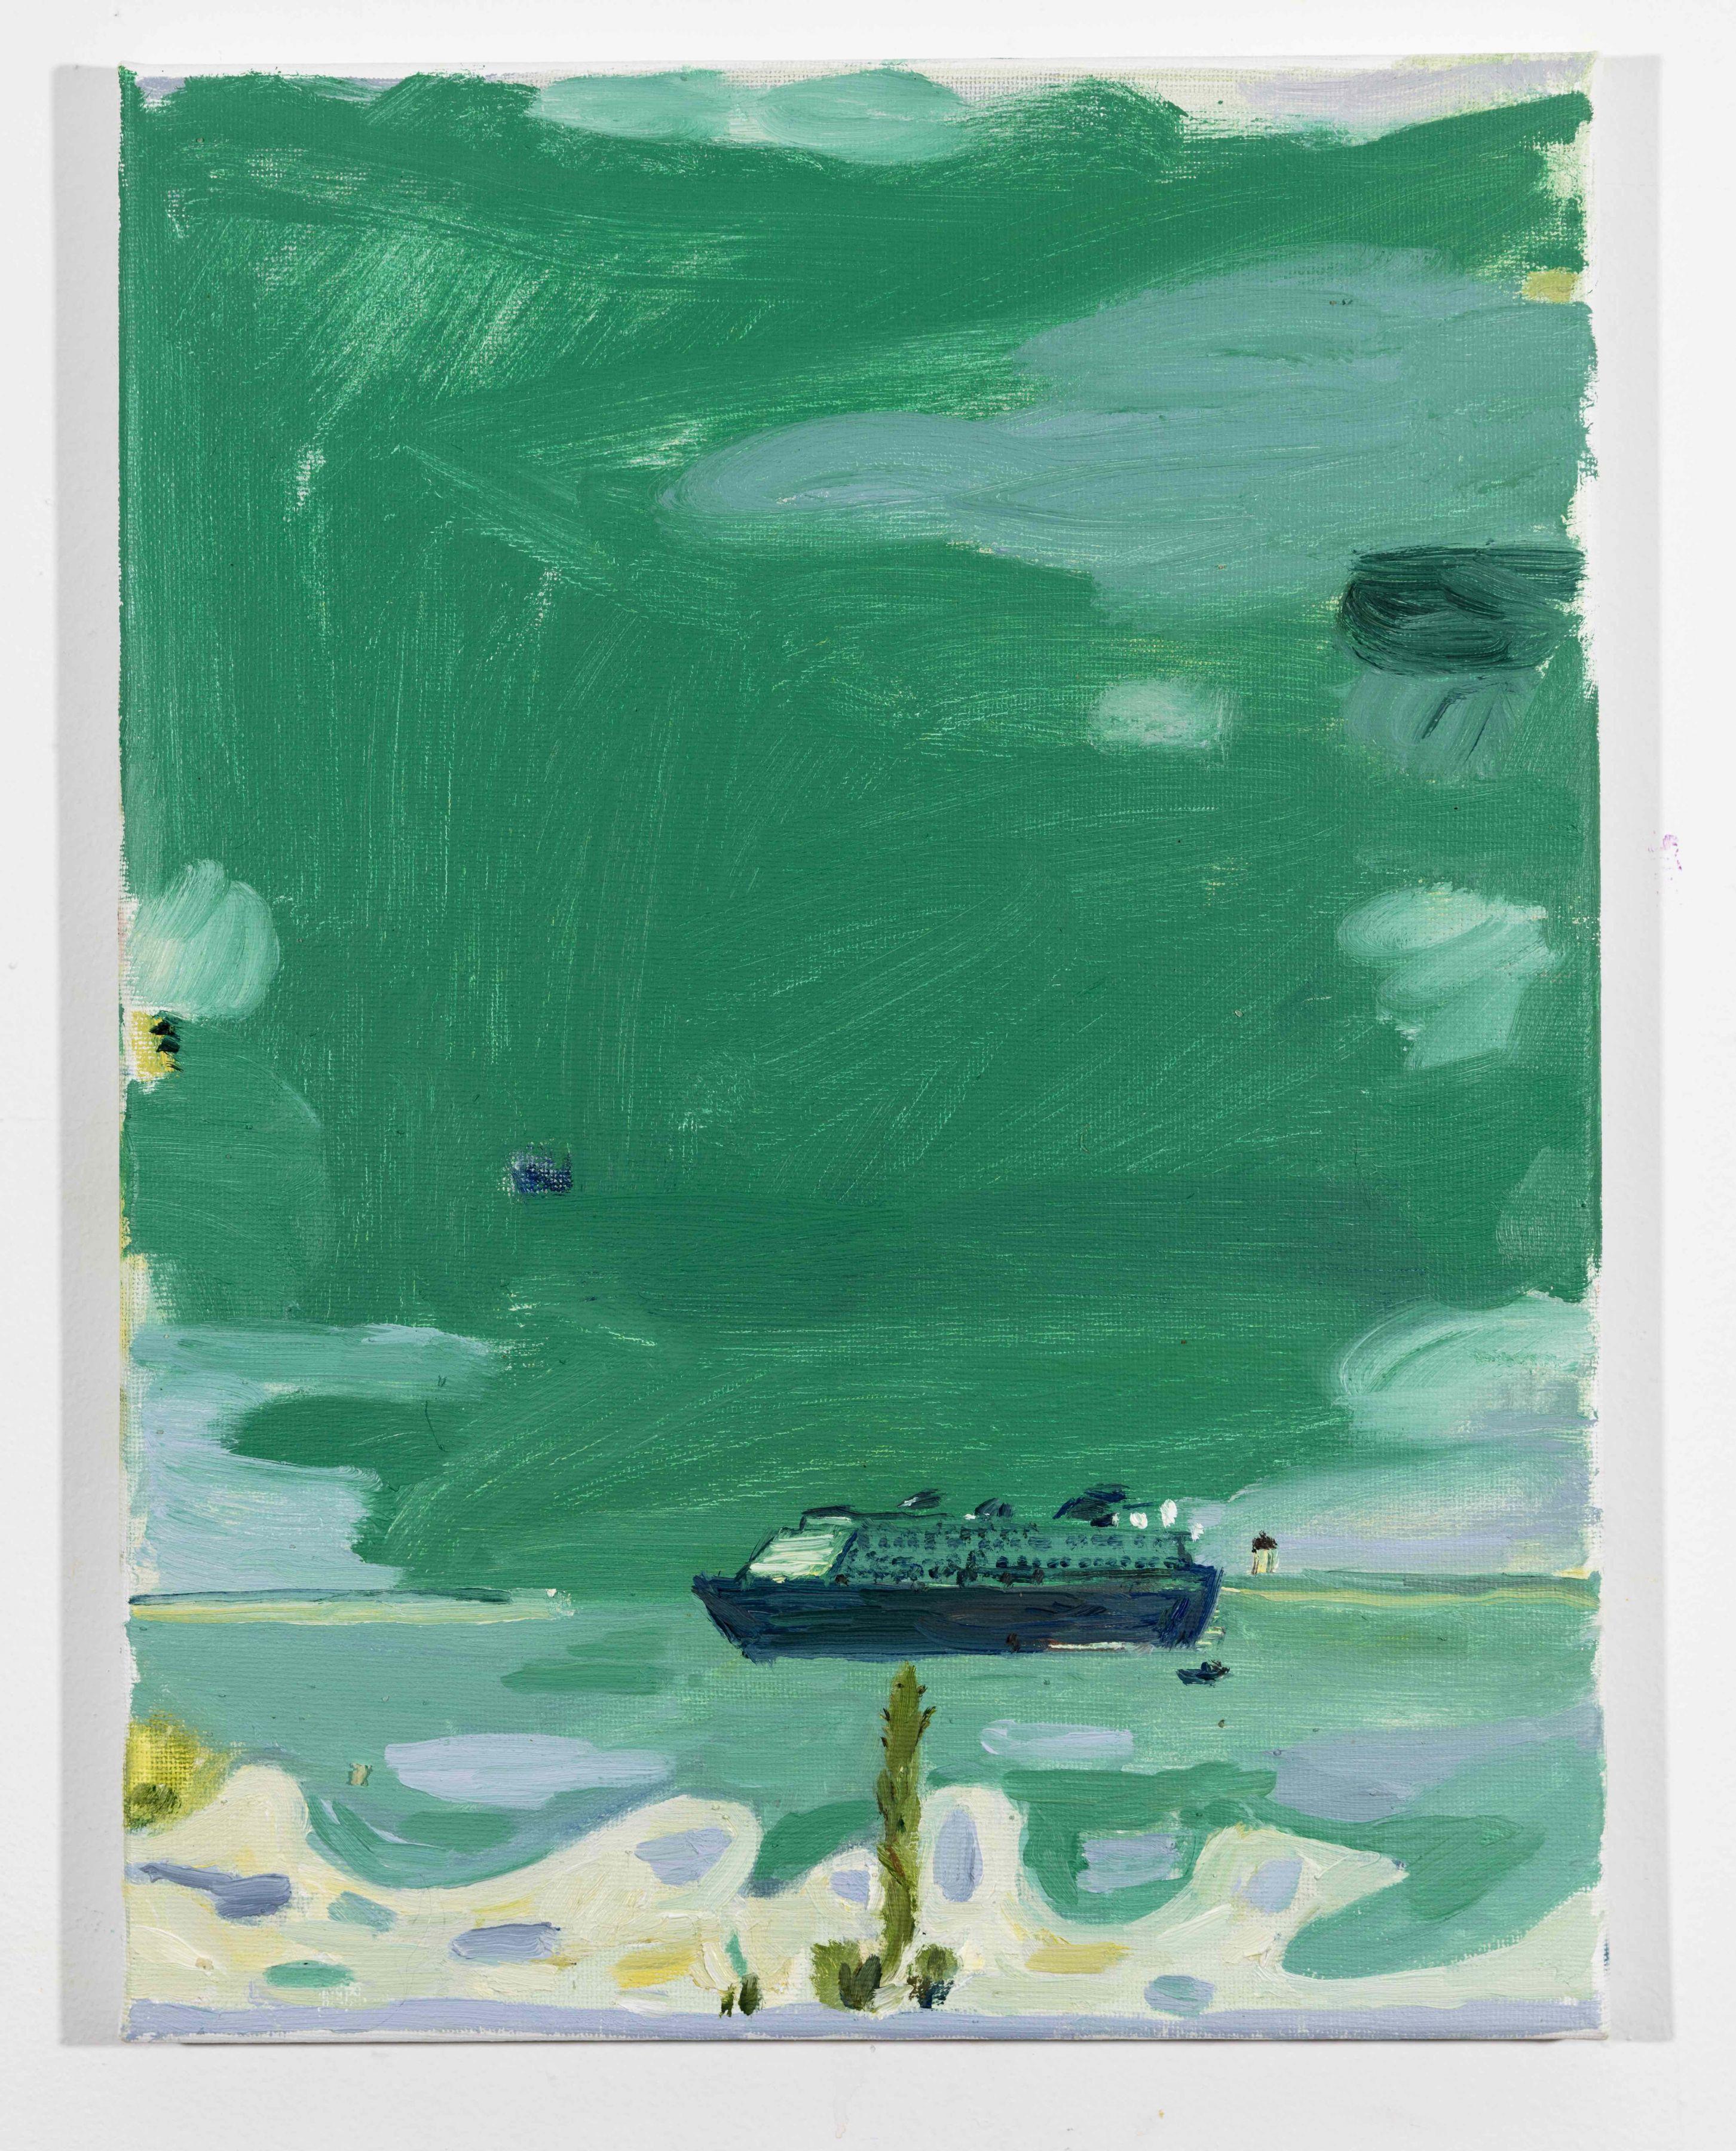 LISA SANDITZ, Landscape Color Study 22, 2019